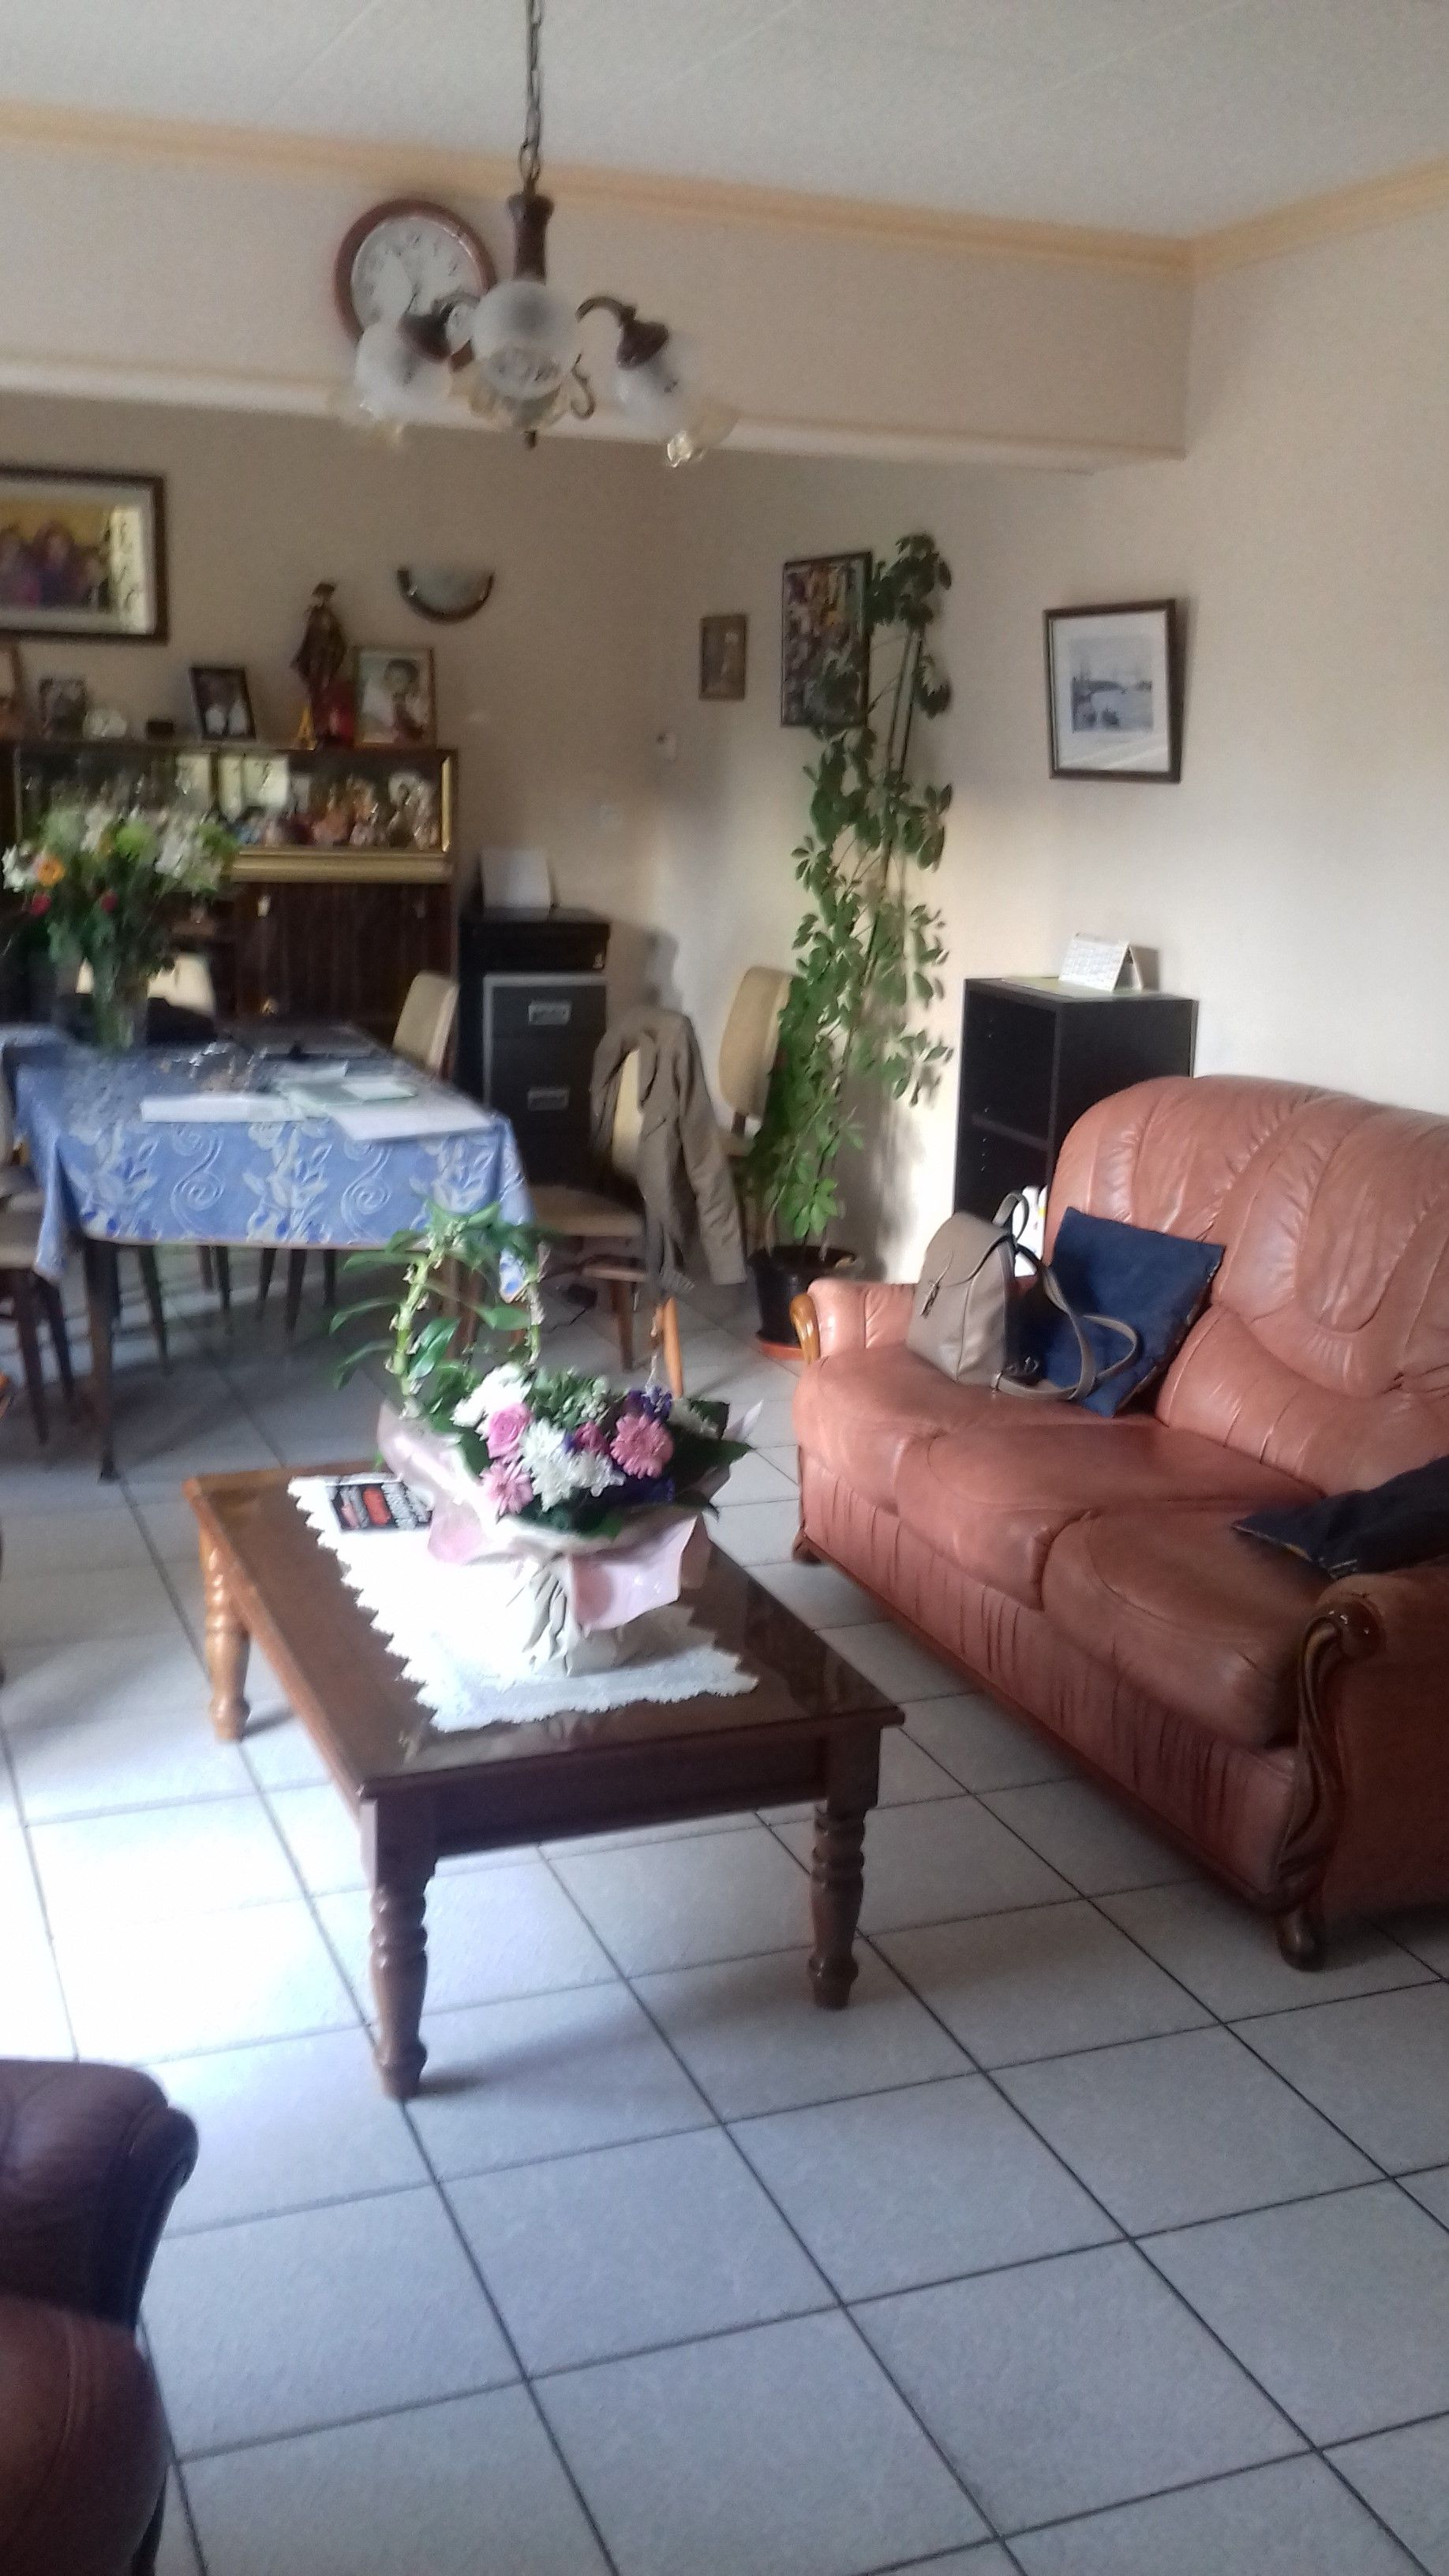 Cuisine-Colocation Saint-Herblain CONTRESERVICES & Location Chambre à louer Saint-Herblain CONTRESERVICES | Loue chambre meublée Saint-Herblain CONTRESERVICES | Logement Saint-Herblain CONTRESERVICES